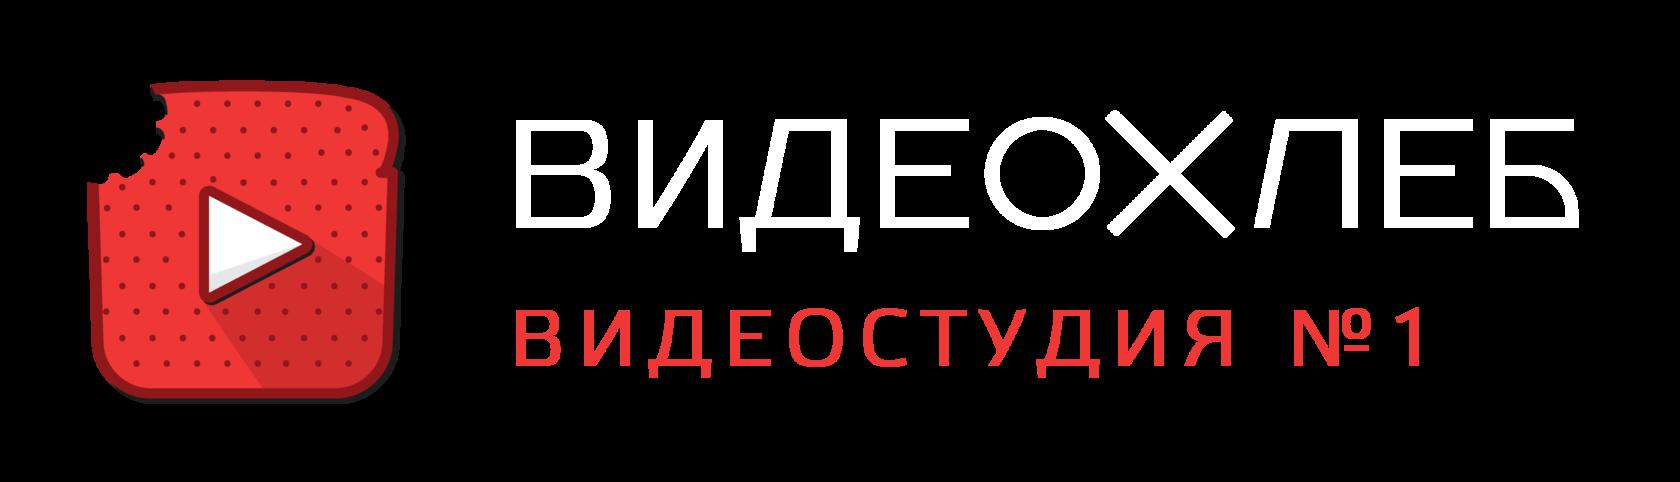 ВидеоХлеб - видеостудия №1